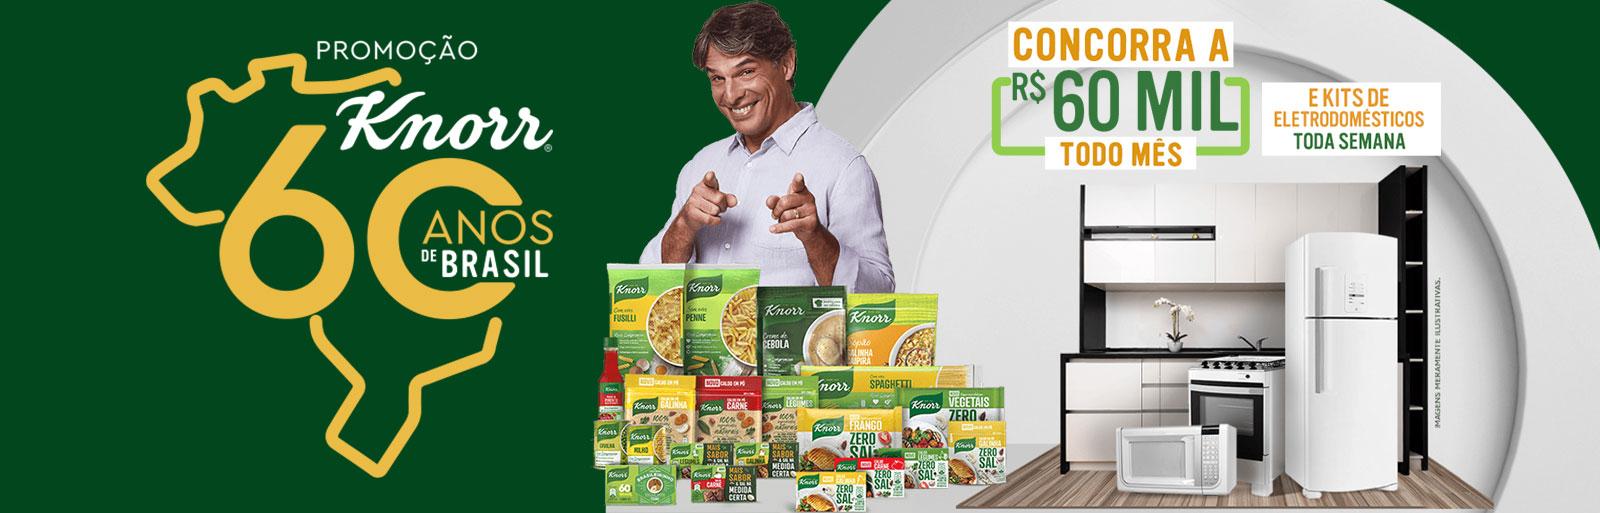 Promoção Knorr 60 Anos de Brasil